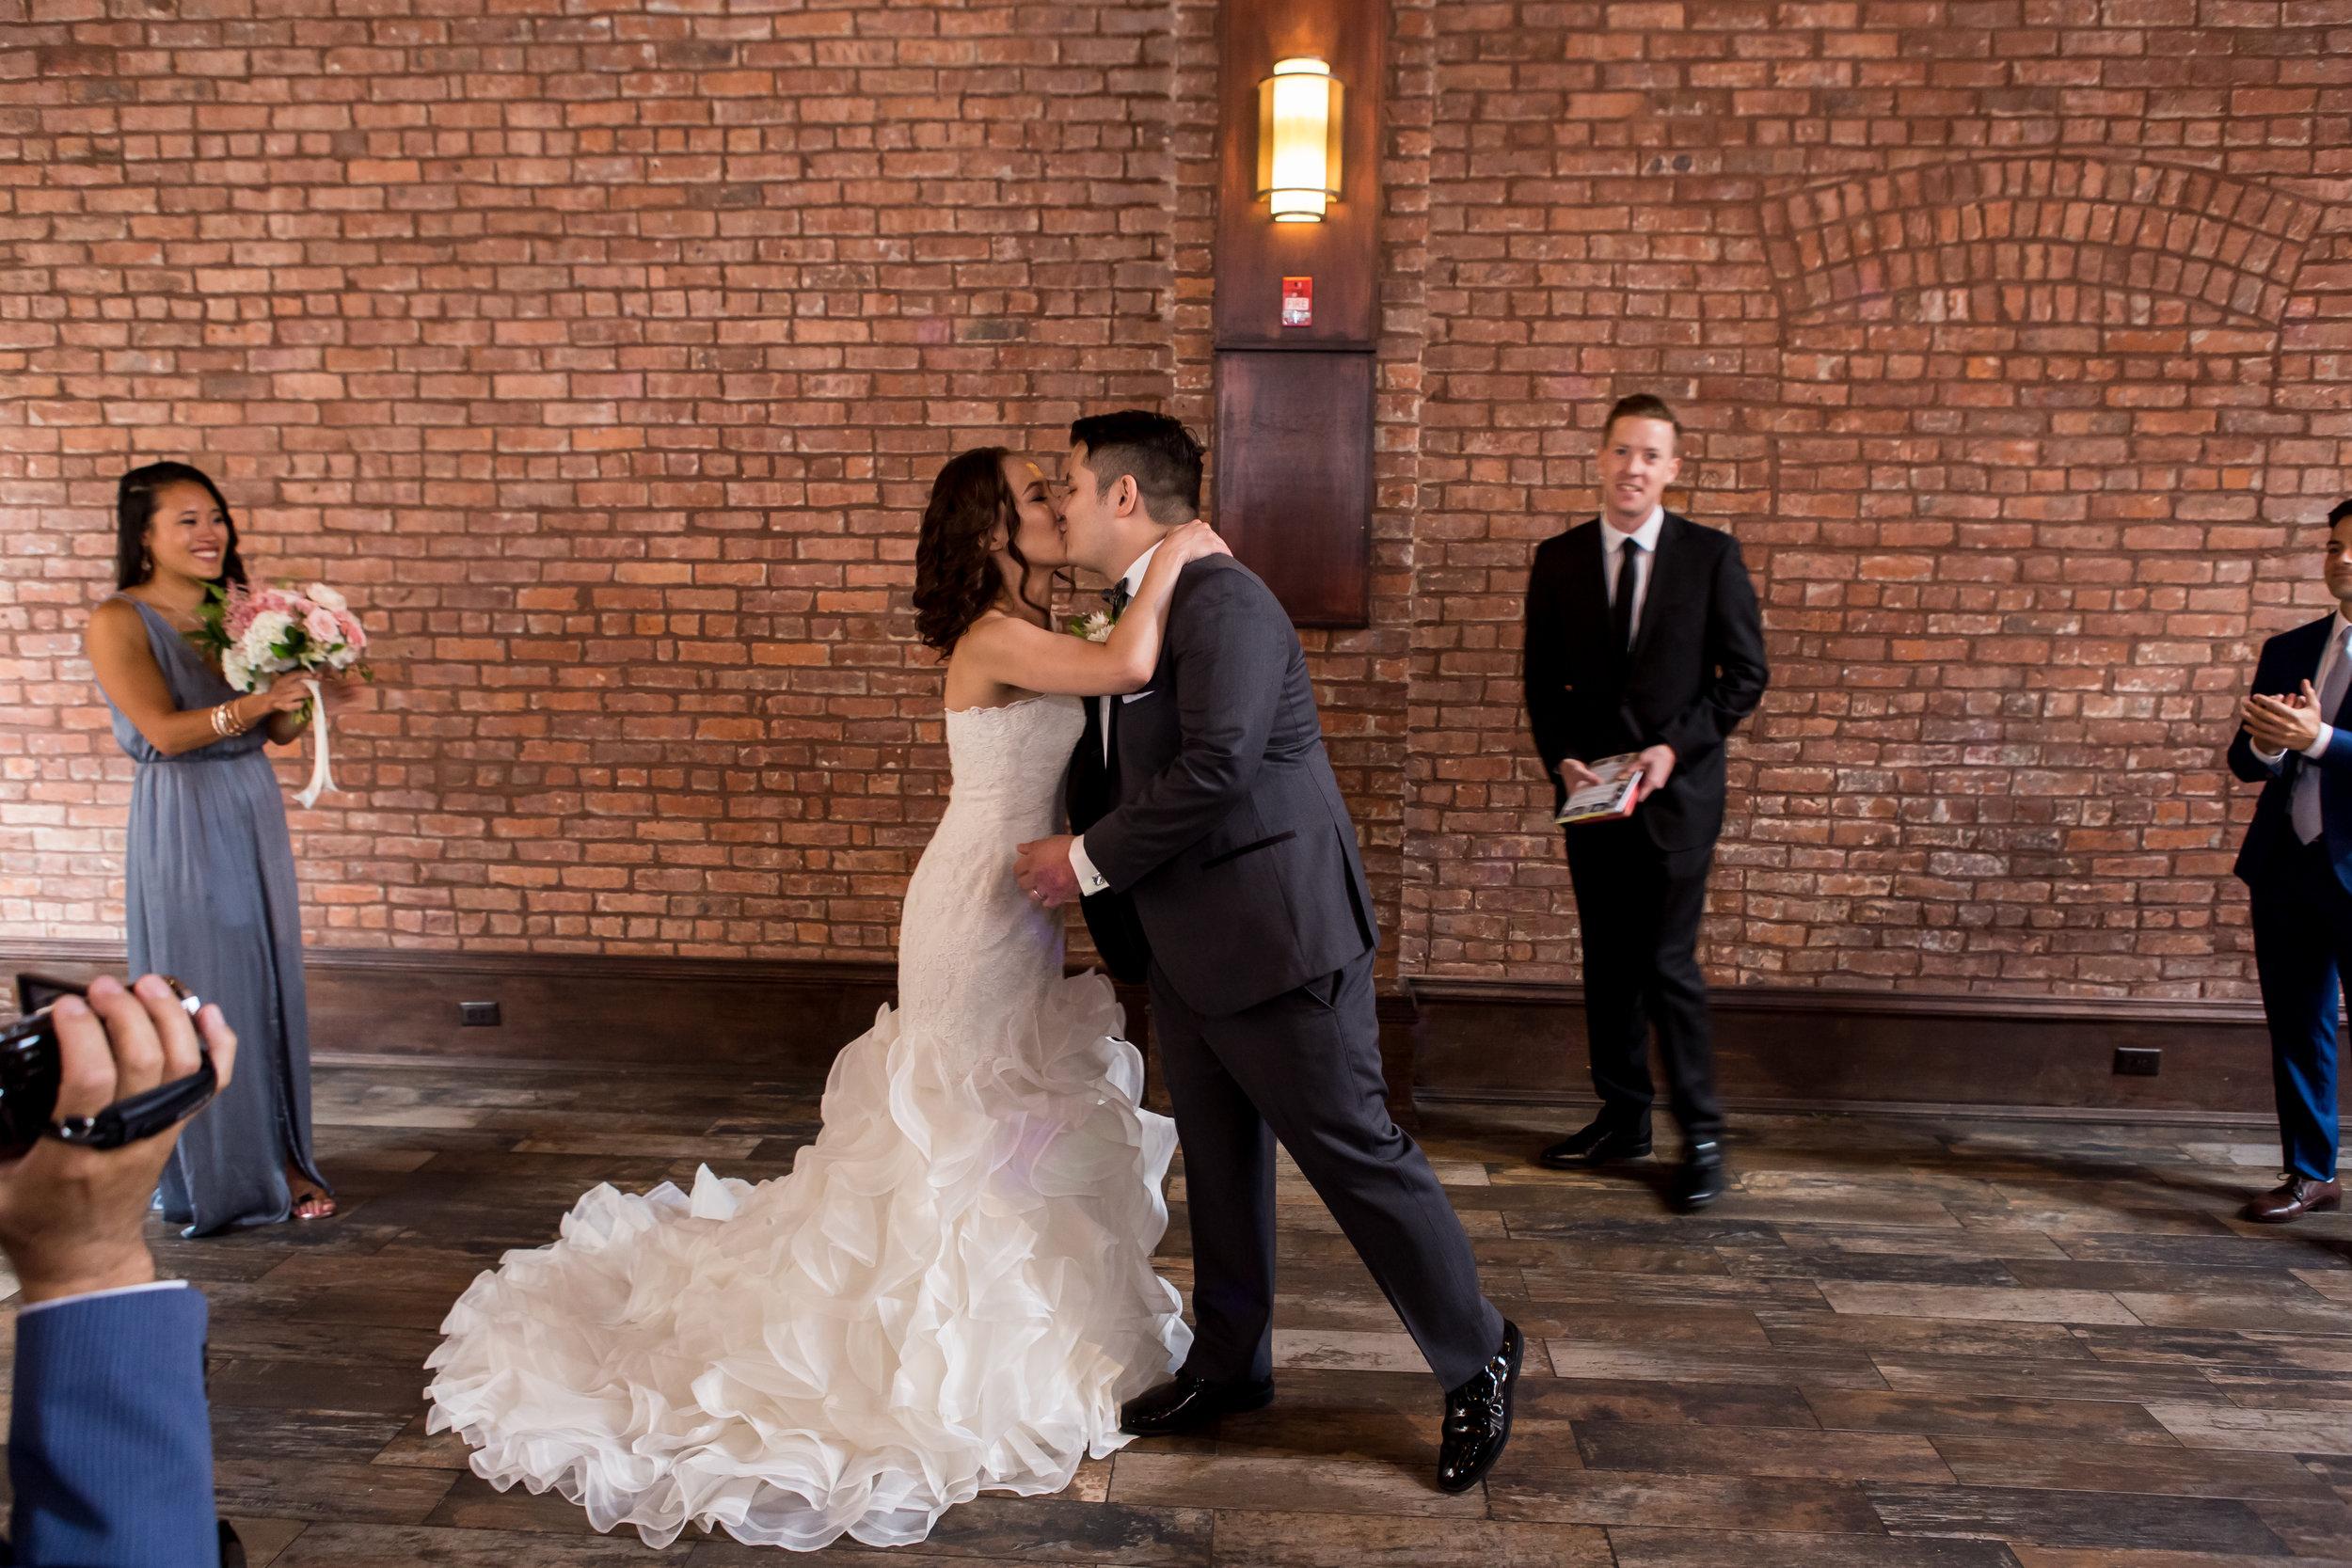 26-bridge-nyc-wedding-photography-0190.jpg